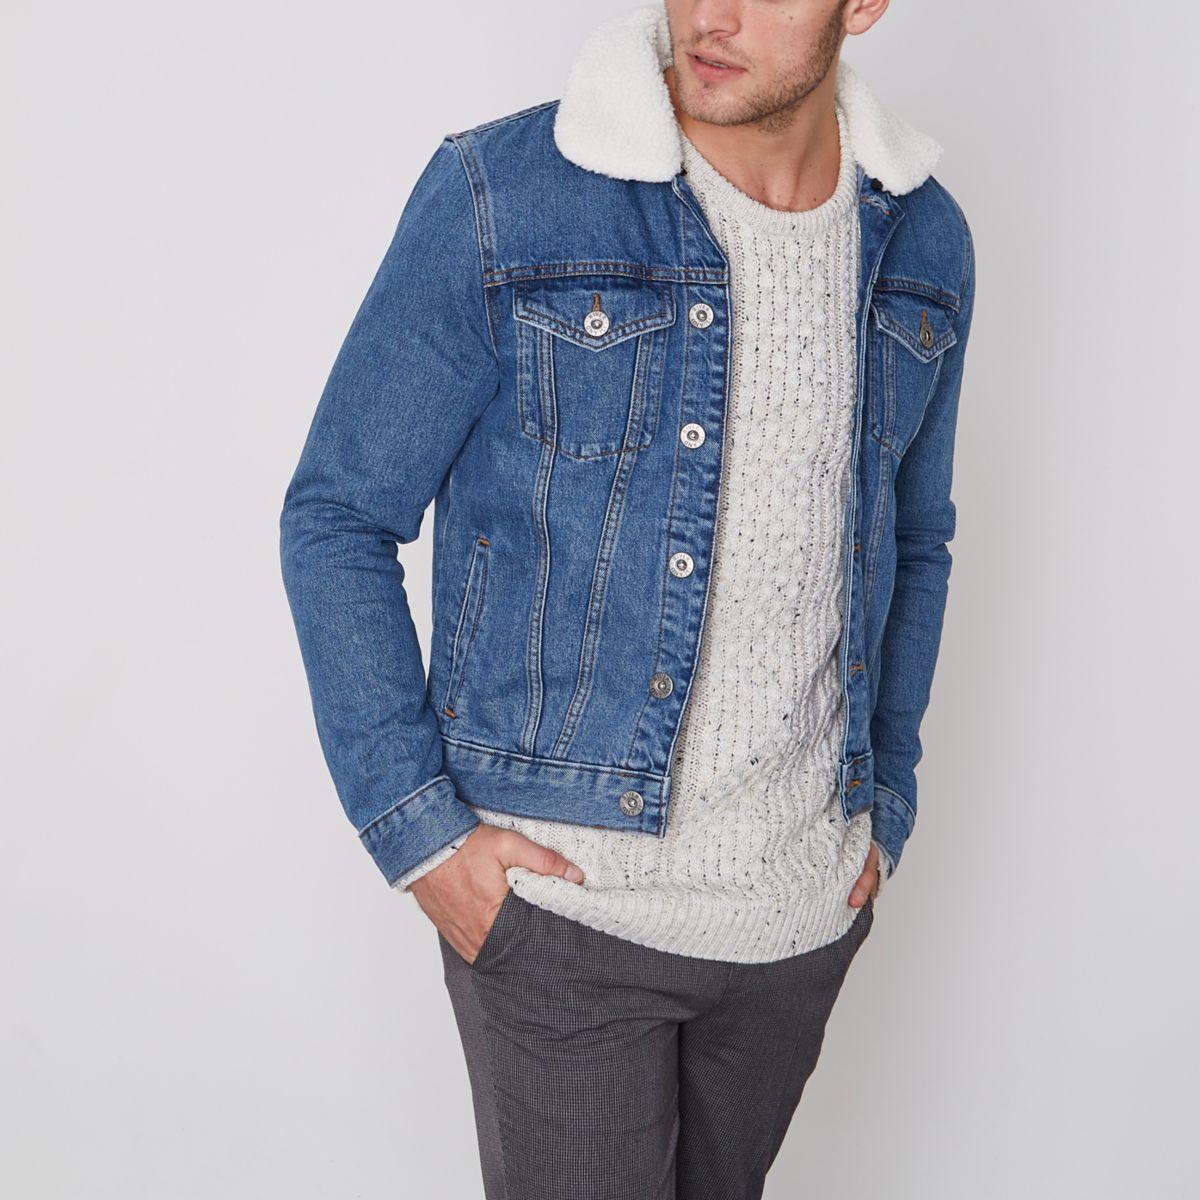 Blue fleece lined denim jacket